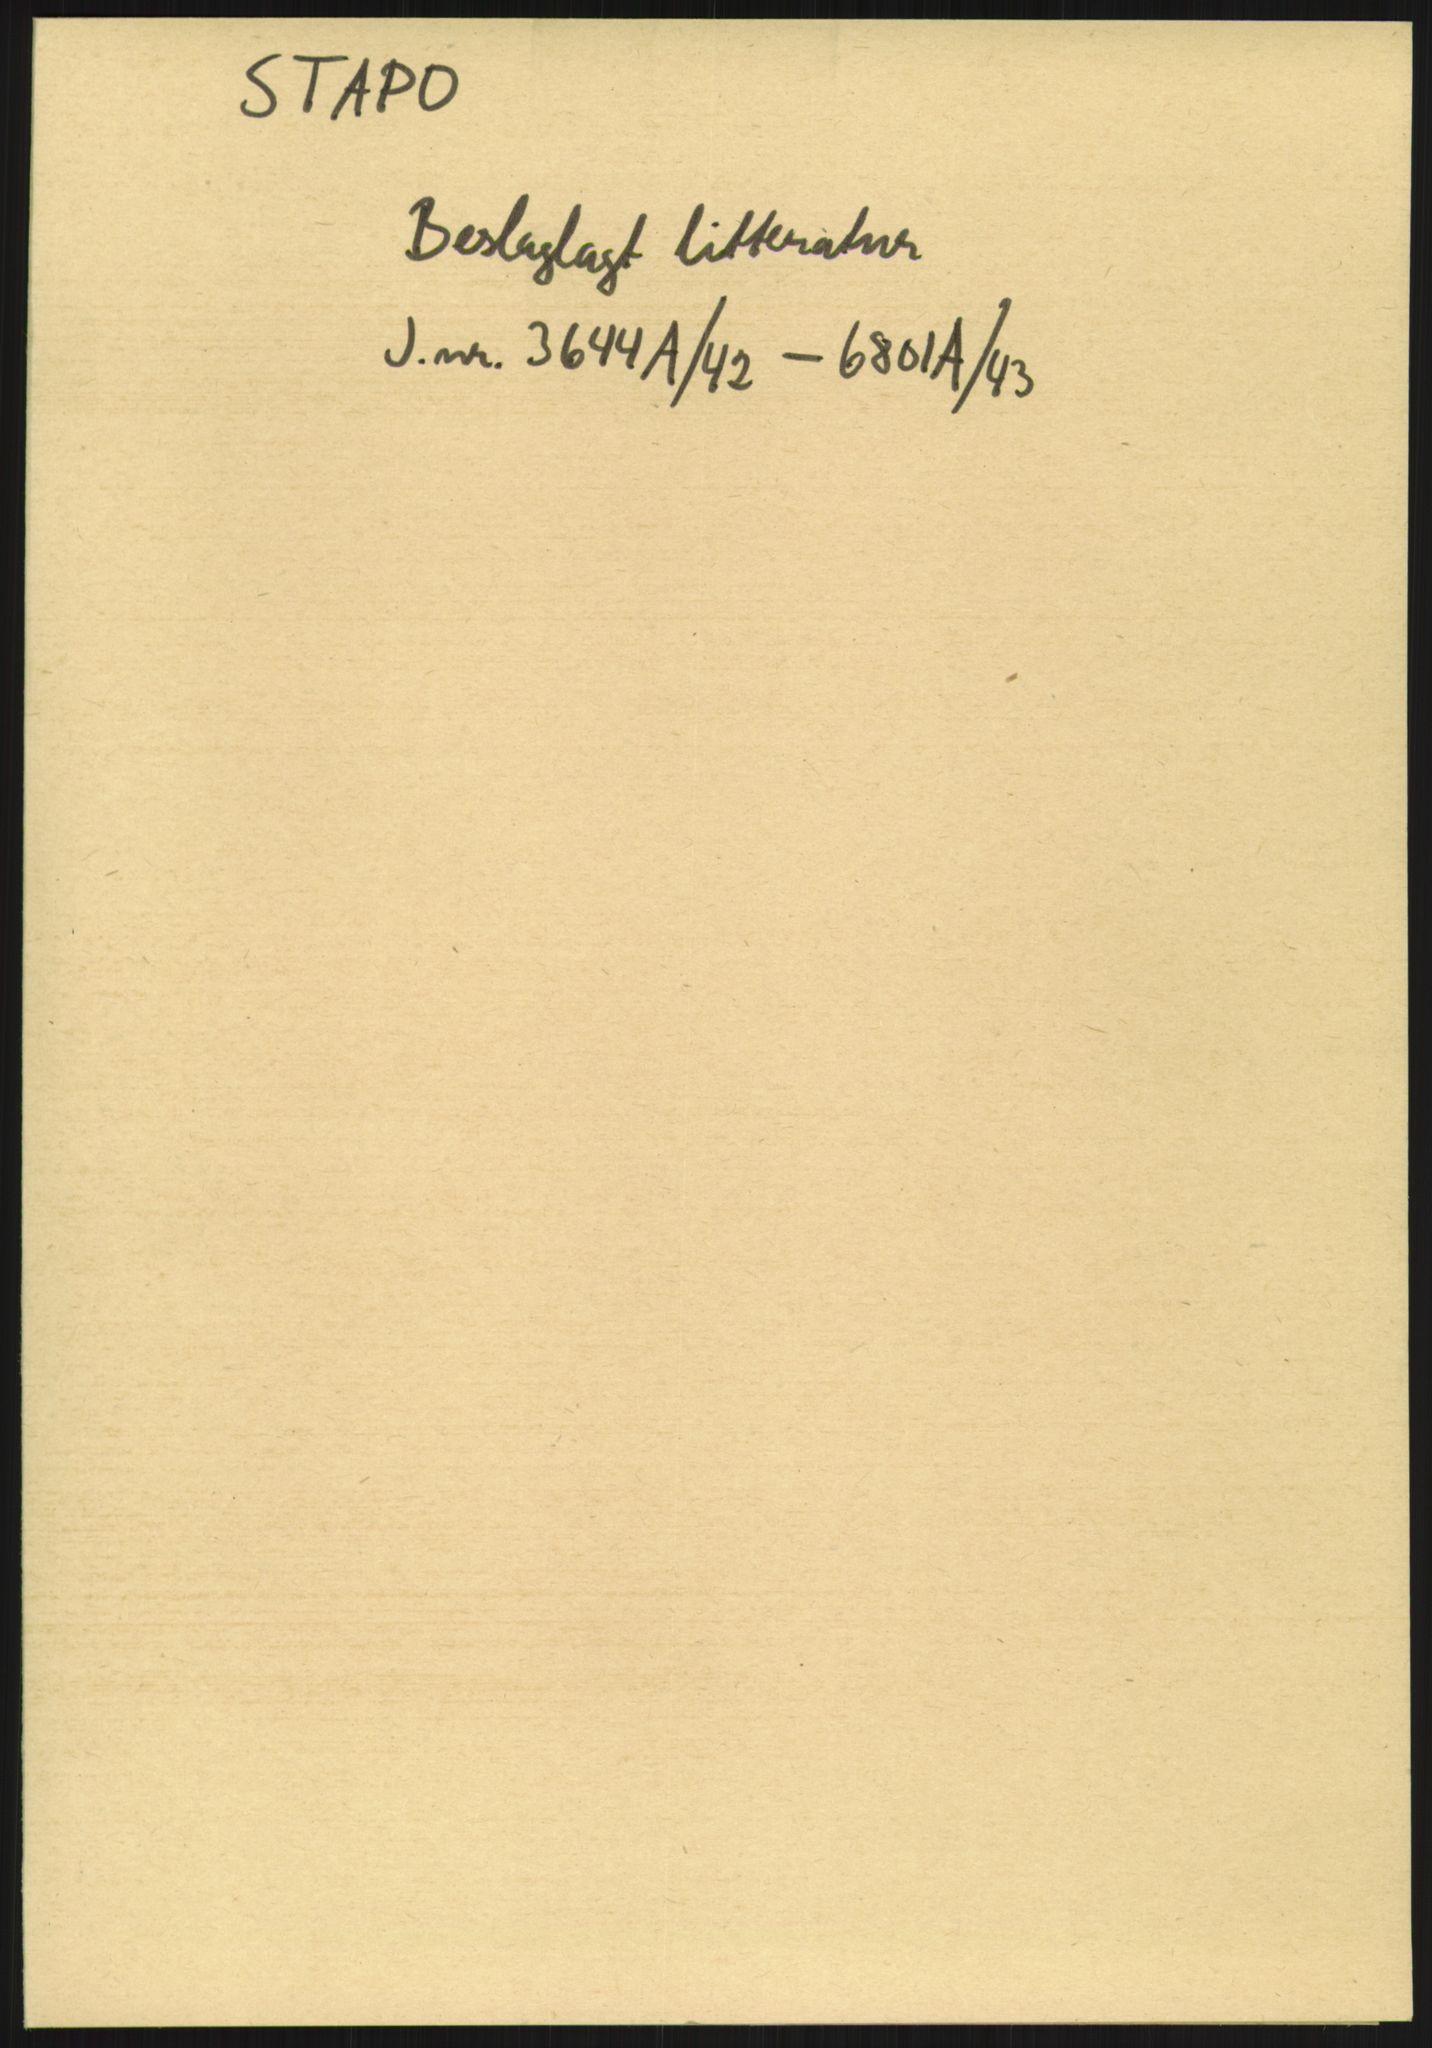 RA, Statspolitiet - Hovedkontoret / Osloavdelingen, F/L0091: Beslaglagt litteratur, 1941-1943, s. 1073